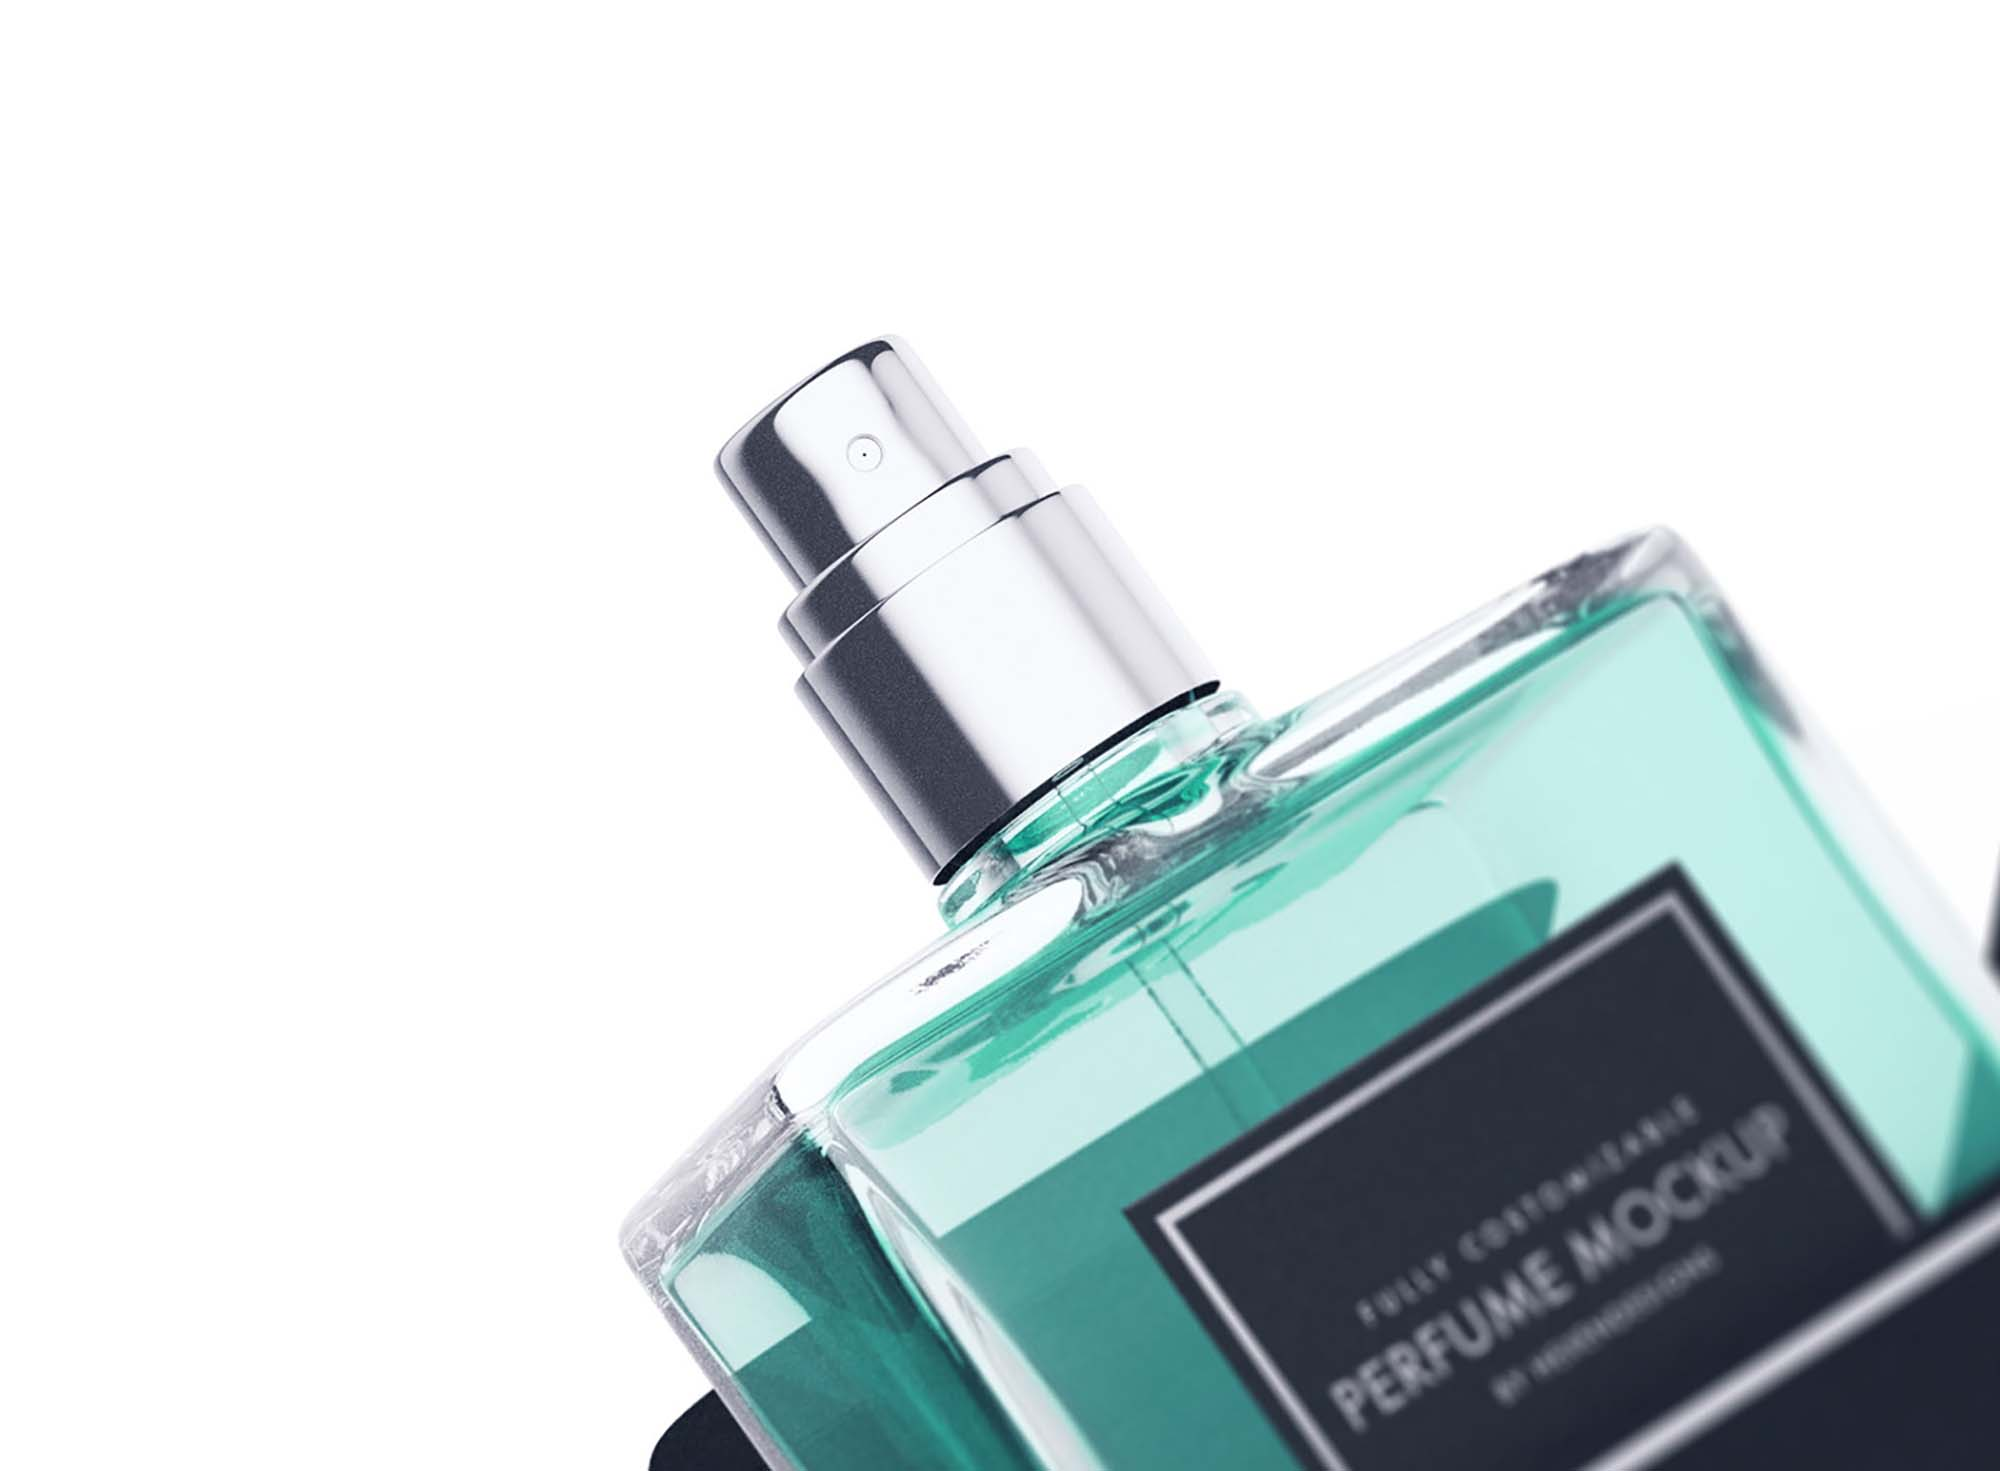 Perfume Package Mockup 3